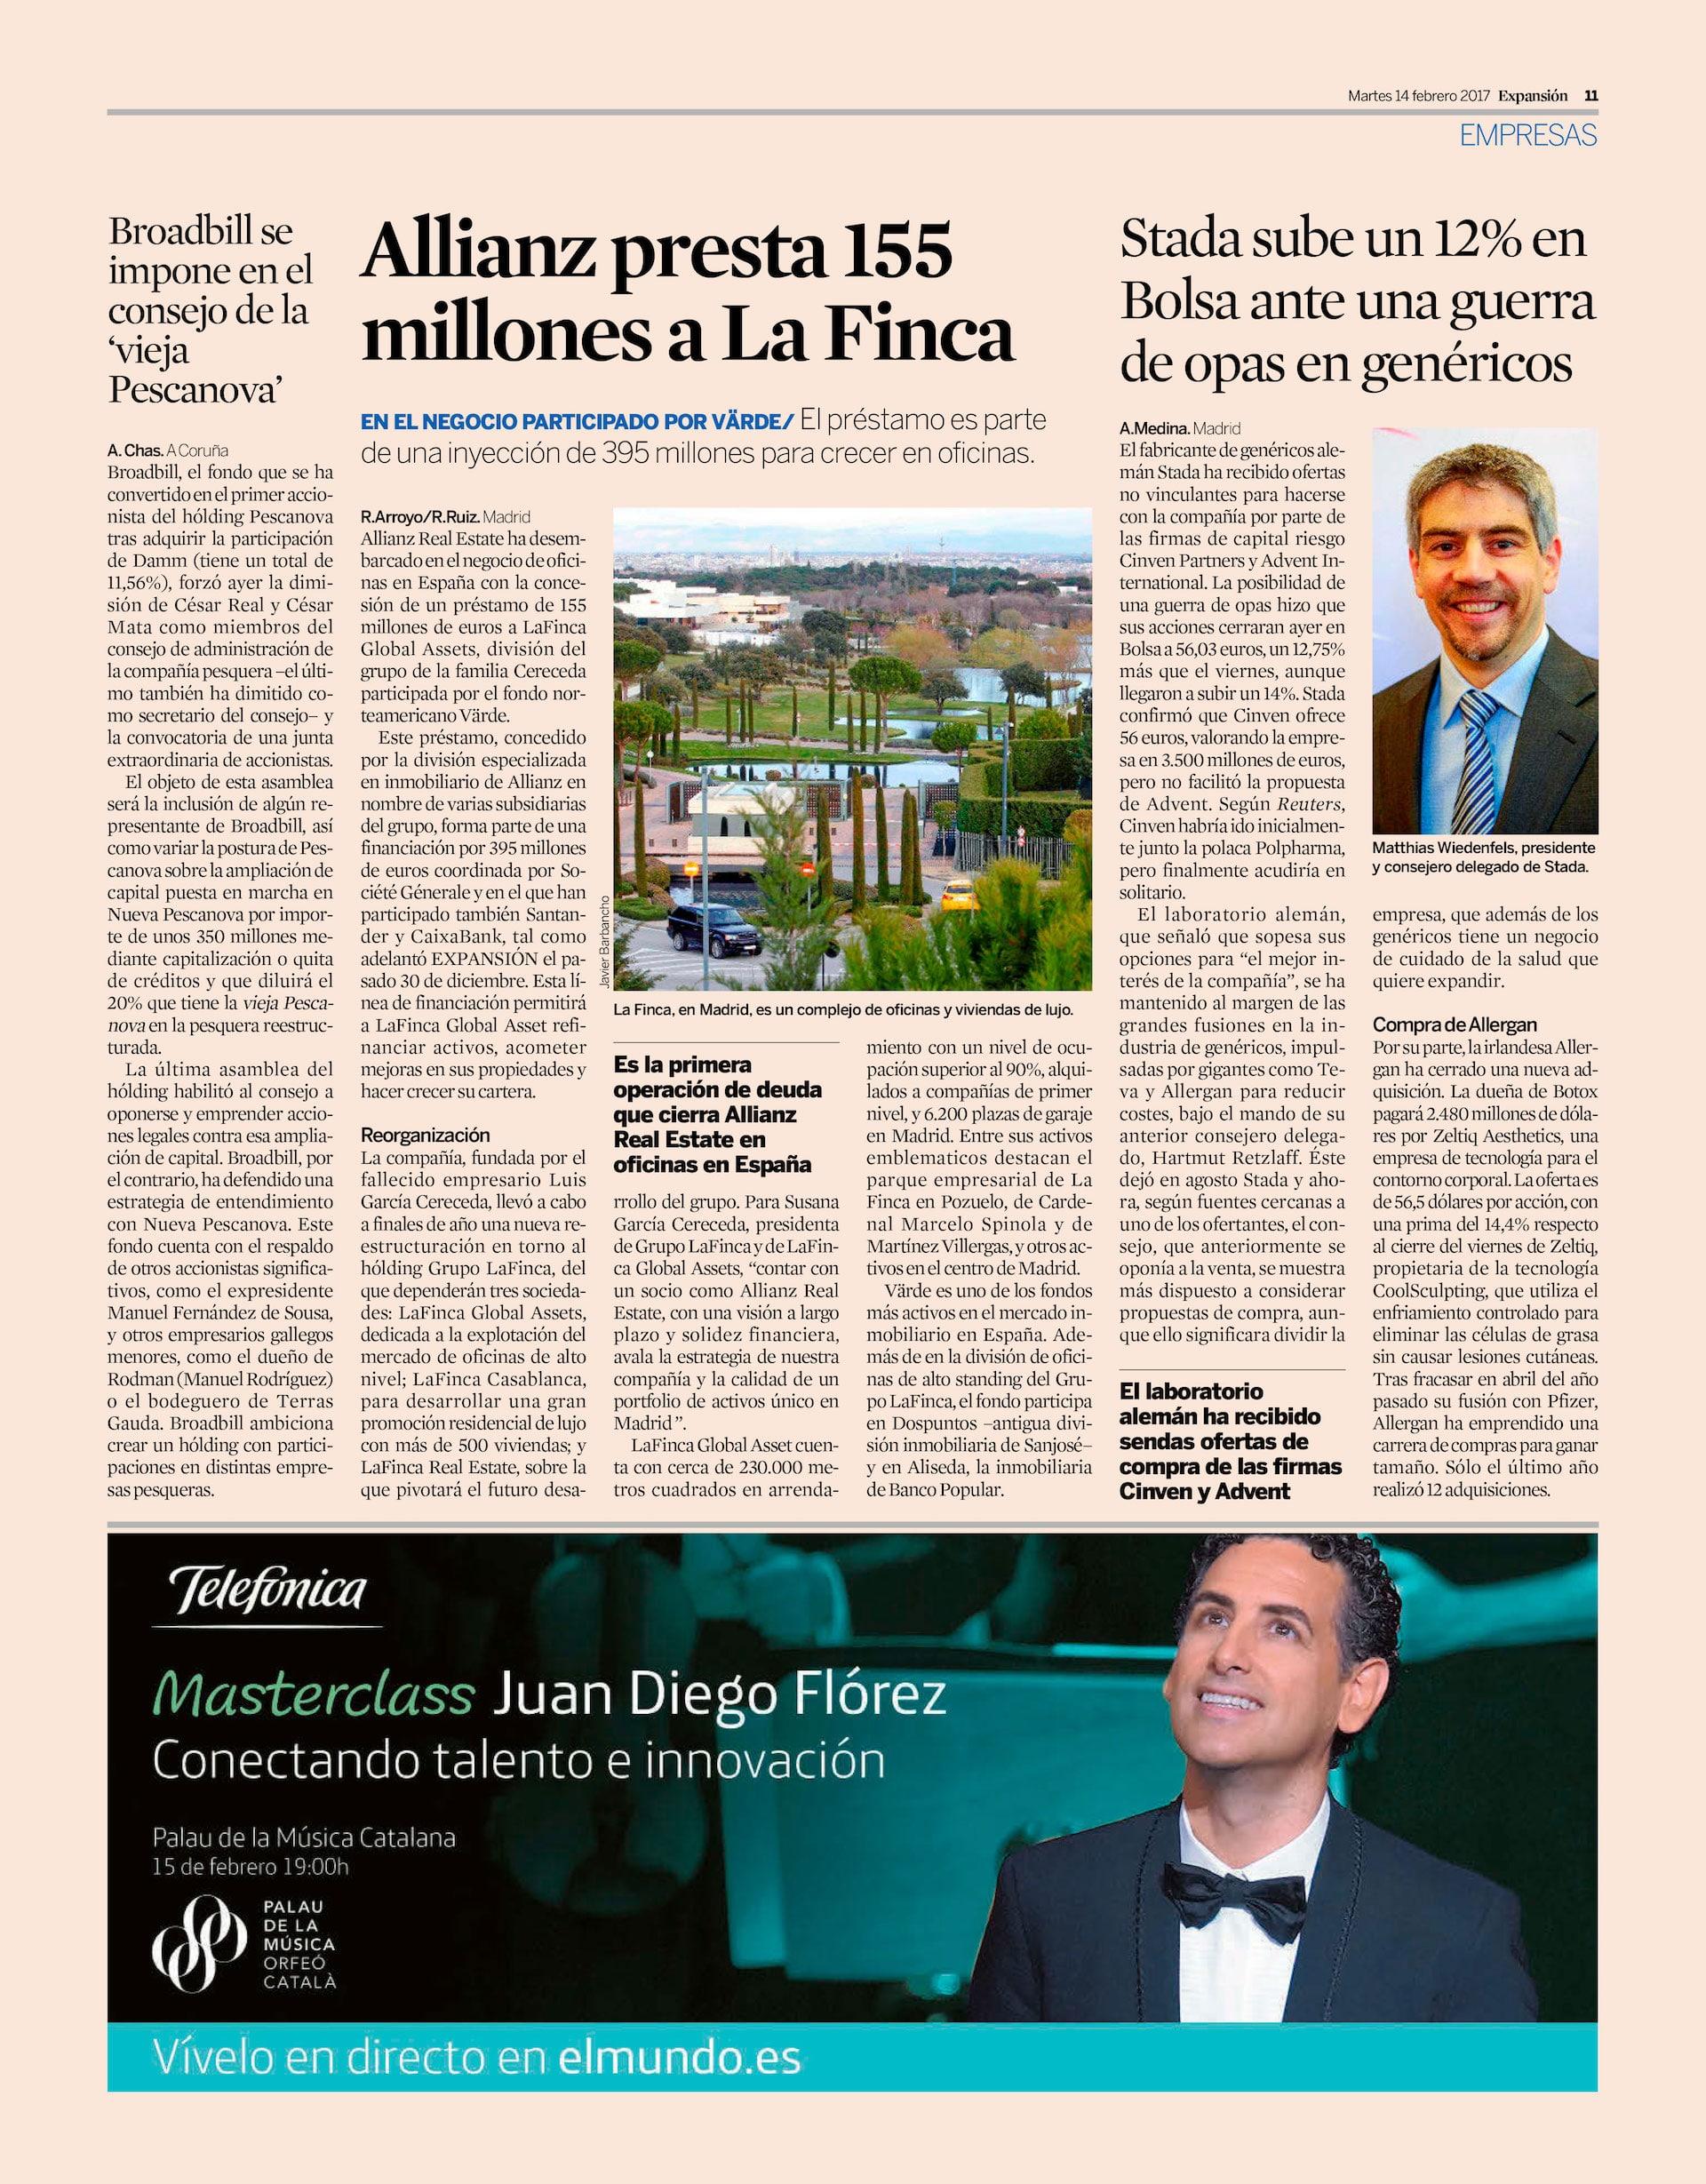 Allianz presta 155 millones a LaFinca